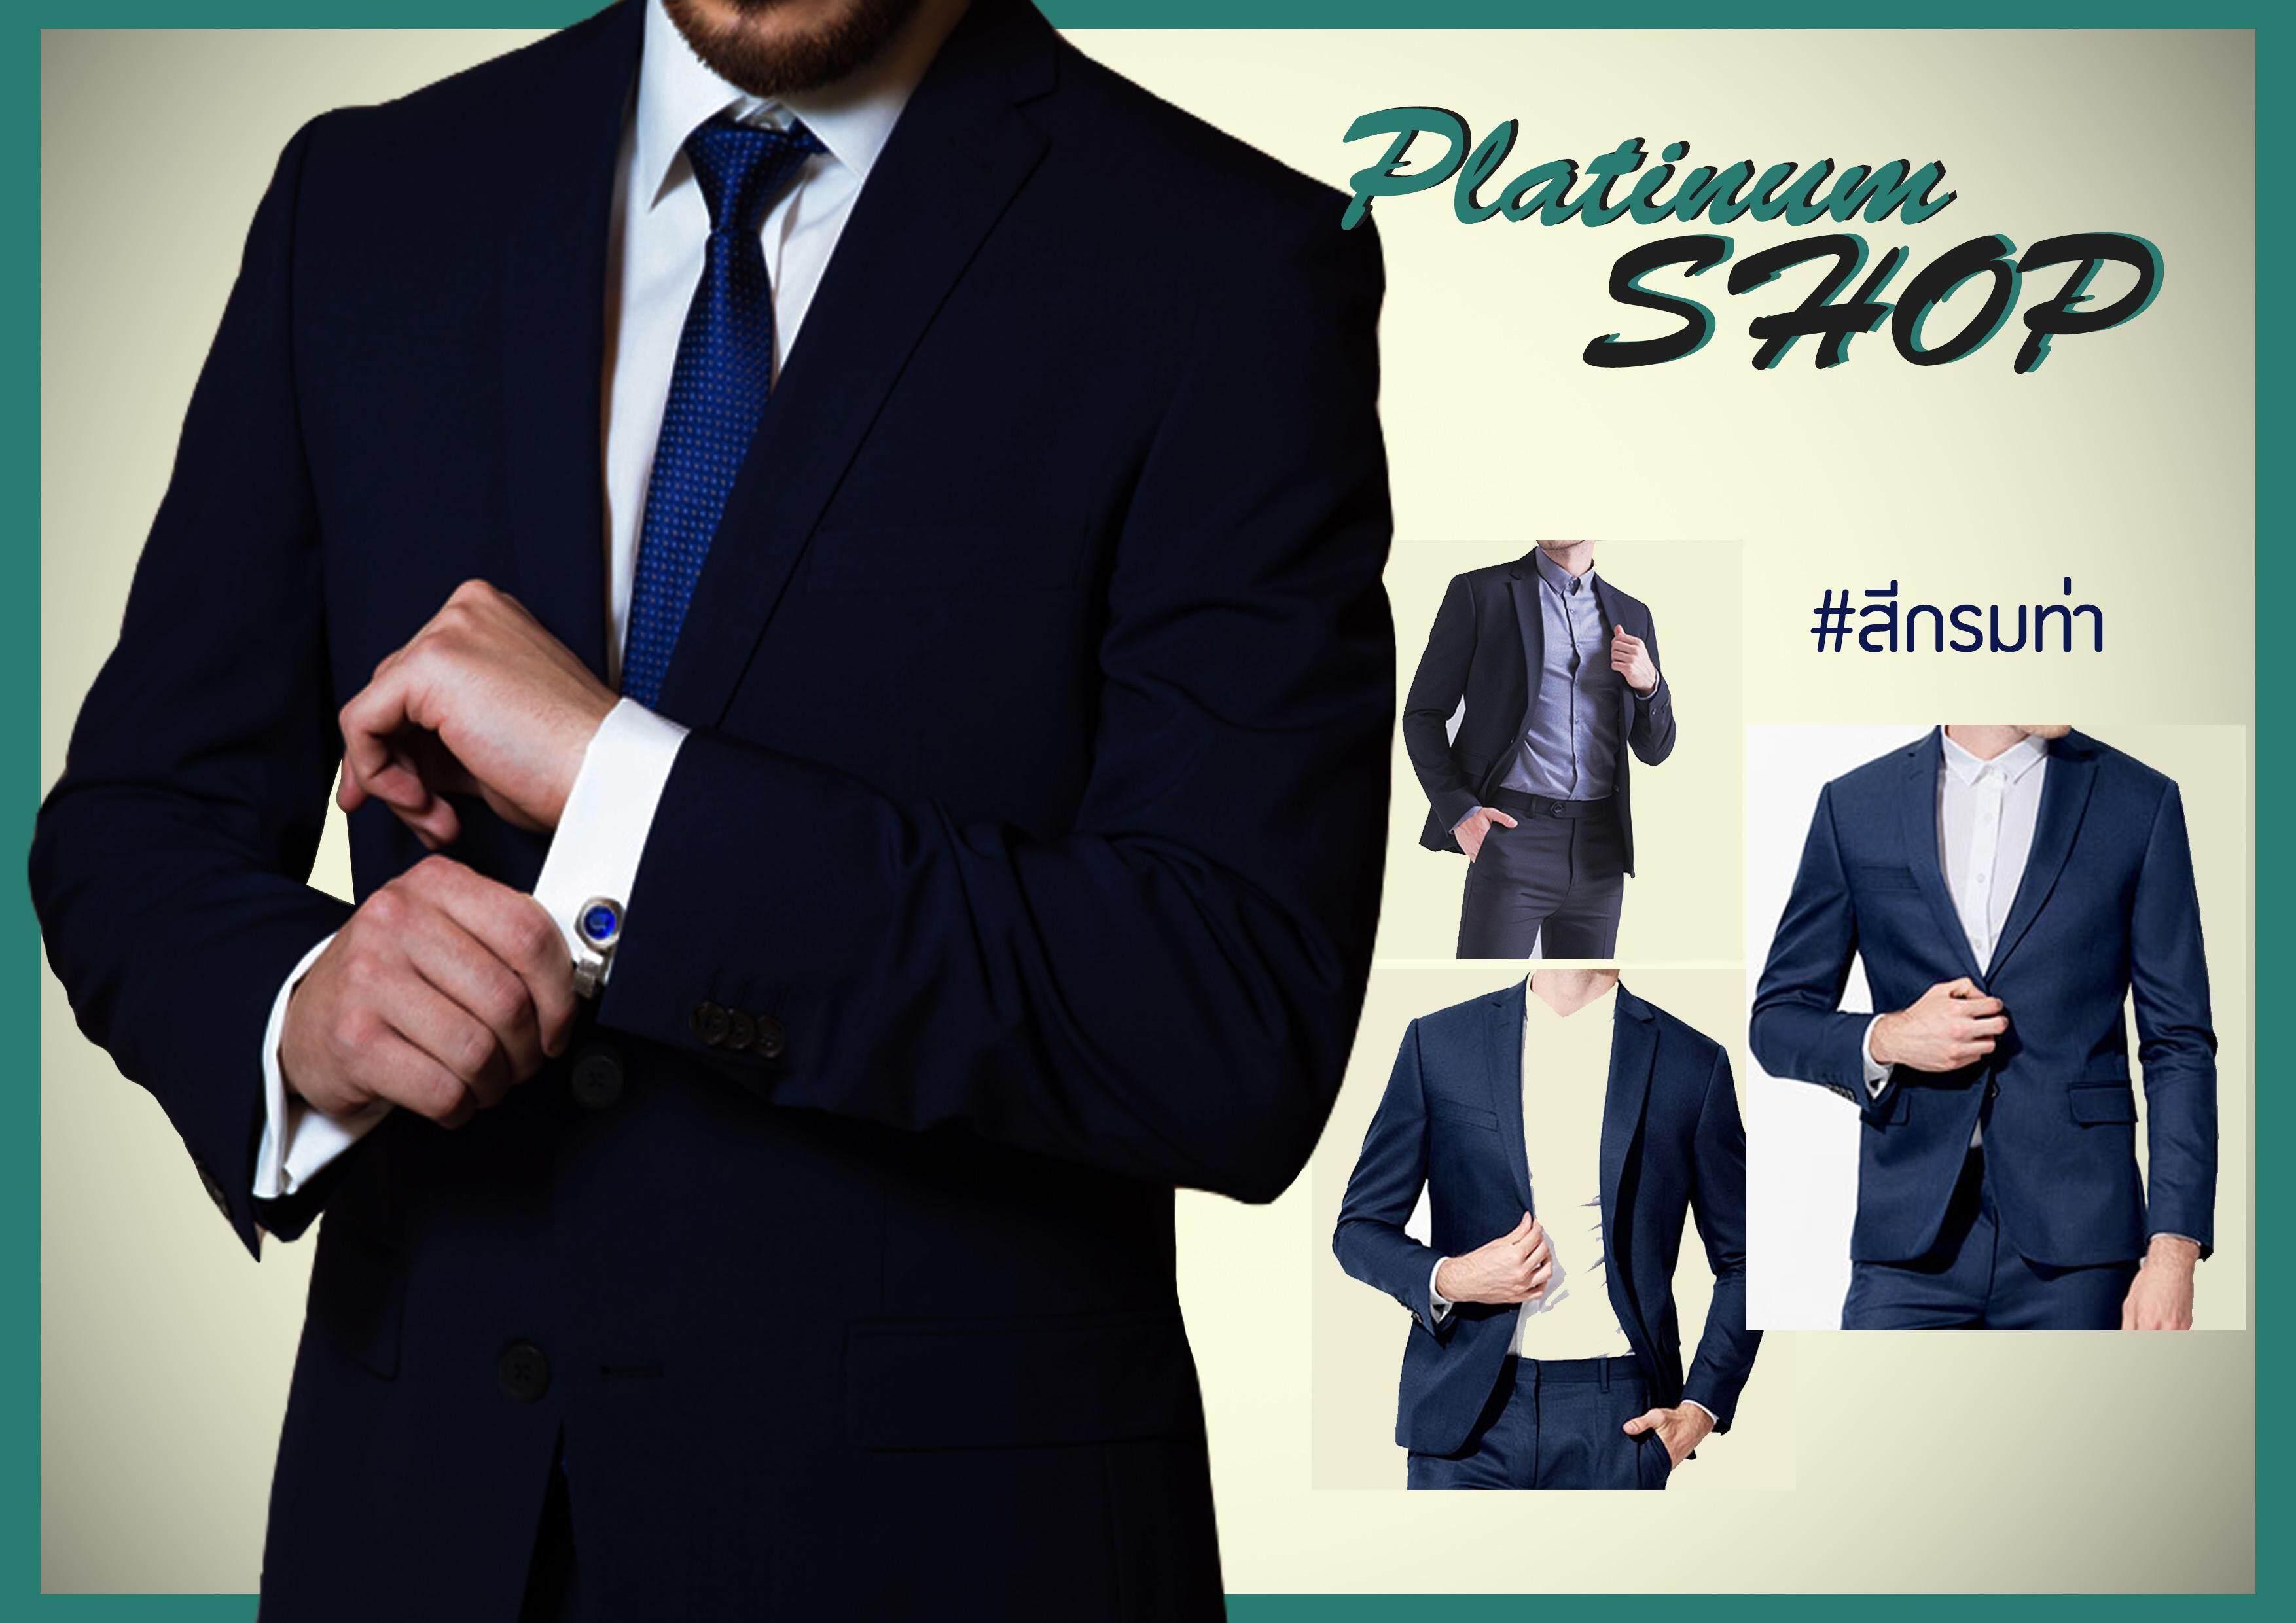 เสื้อสูทสีกรมท่า เสื้อสูทผู้ชาย เสื้อสูทใส่ทำงาน ใส่แฟชั่น เสื้อสูทเข้าพิธี เสื้อสูทออกงาน สีกรมท่า เนื้อผ้าดี ราคาส่งจากโรงงาน.